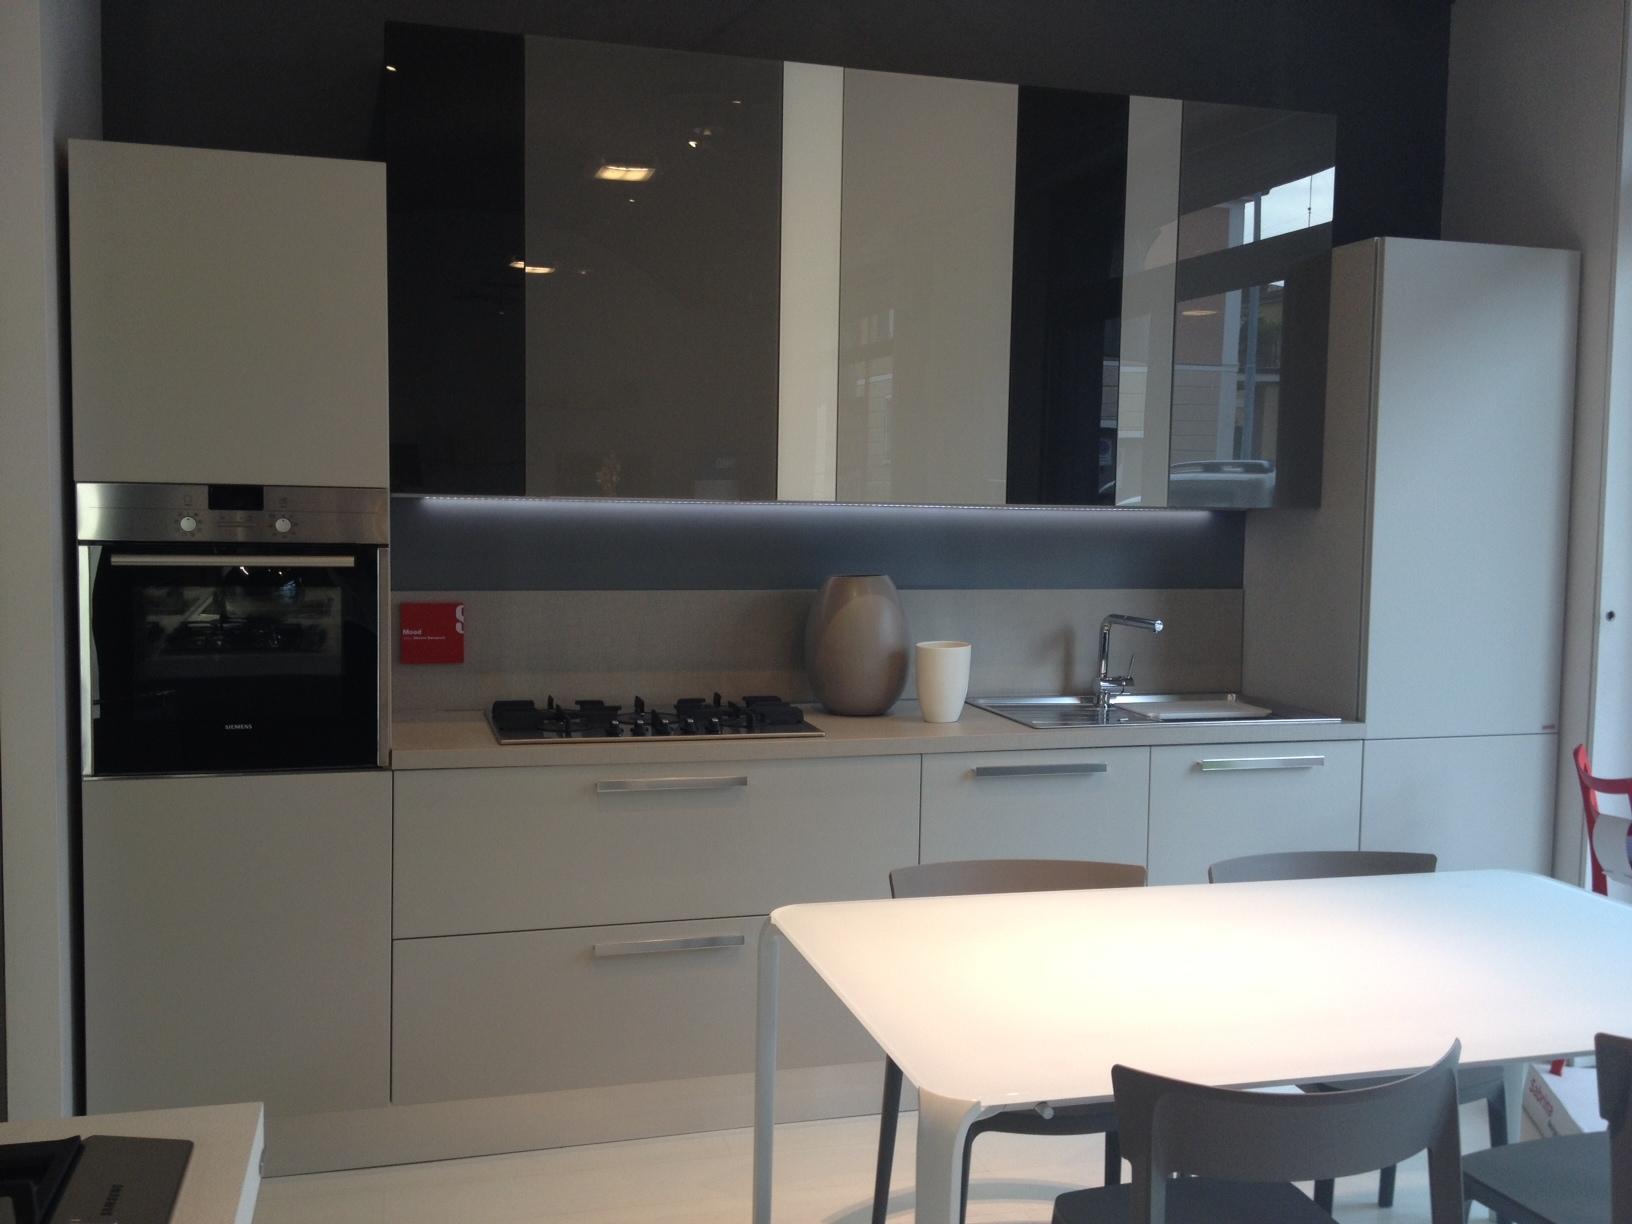 Beautiful Cucina Scavolini Liberamente Prezzo Pictures - Home ...